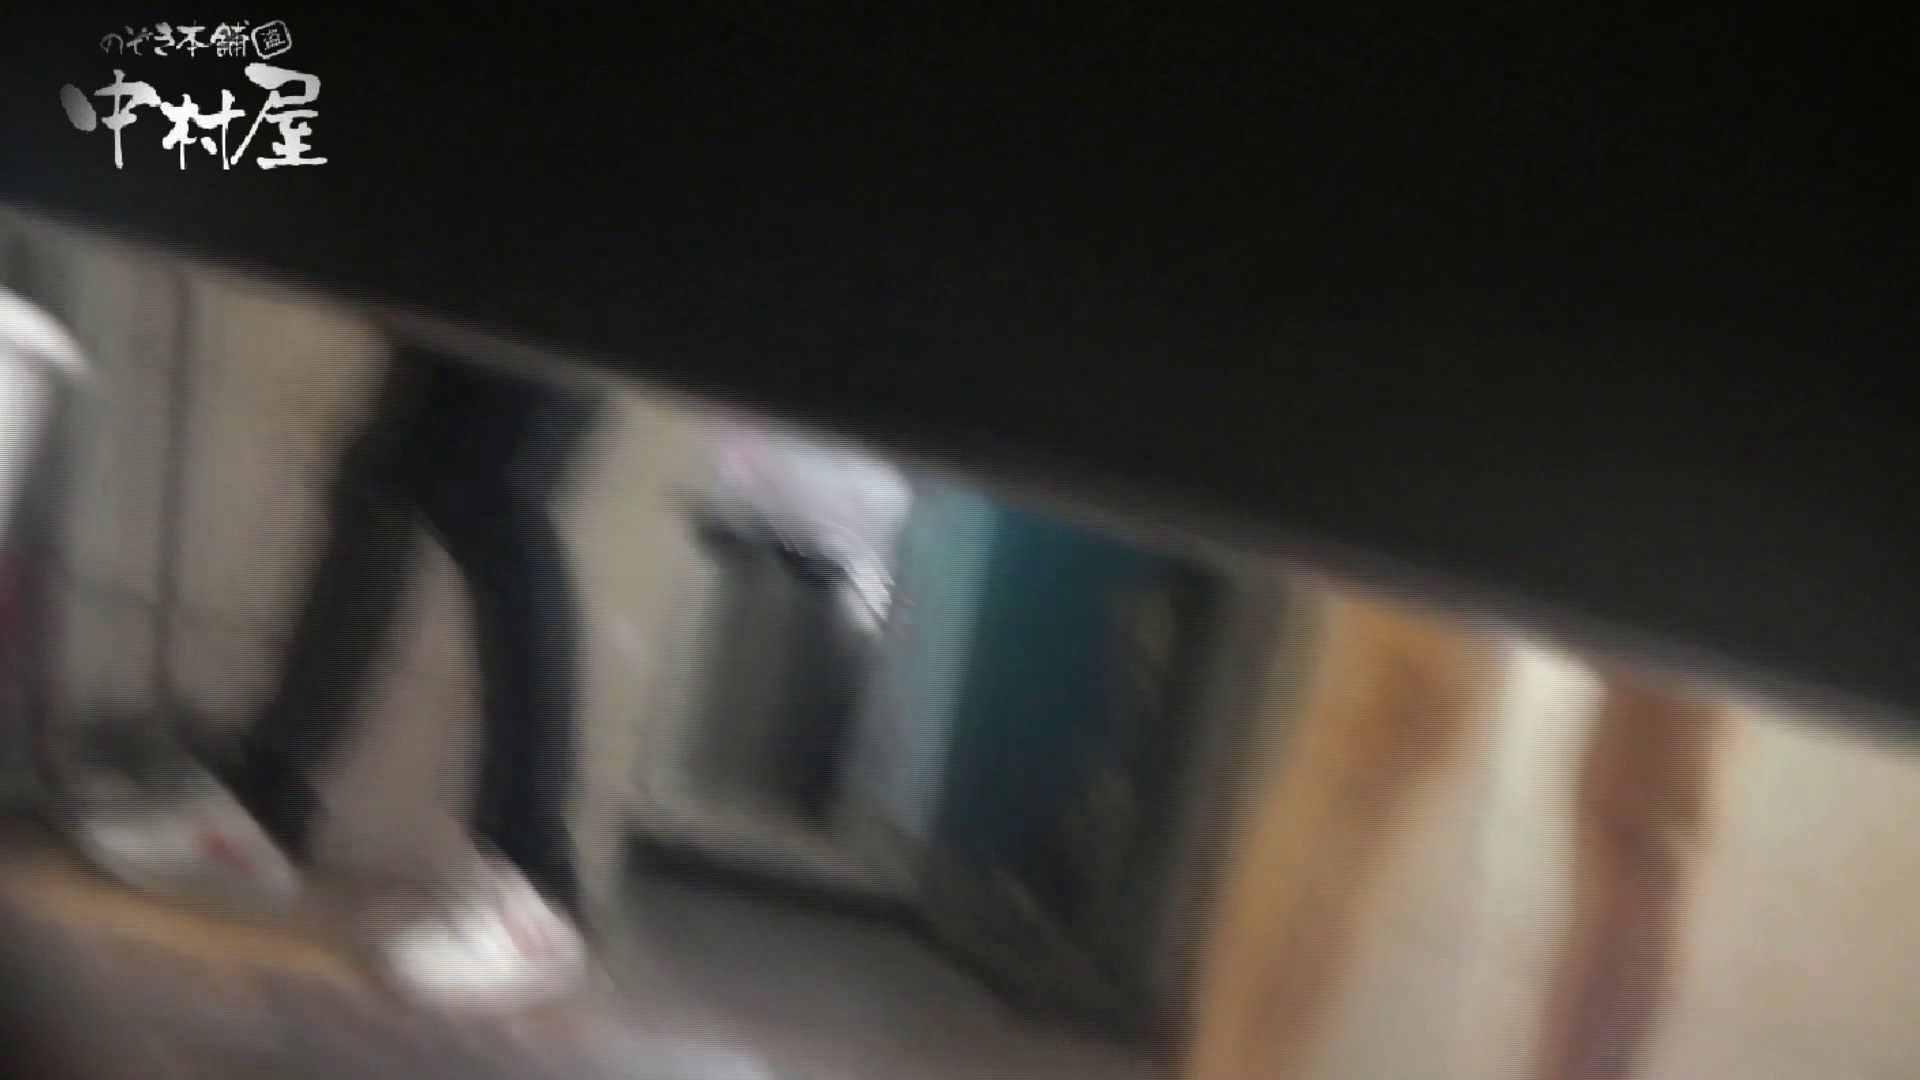 【世界の射窓から~ステーション編~】ステーション編 vol52 我慢して個室に入ったら。||:-)!! 盗撮特集 | おまんこ  79画像 79